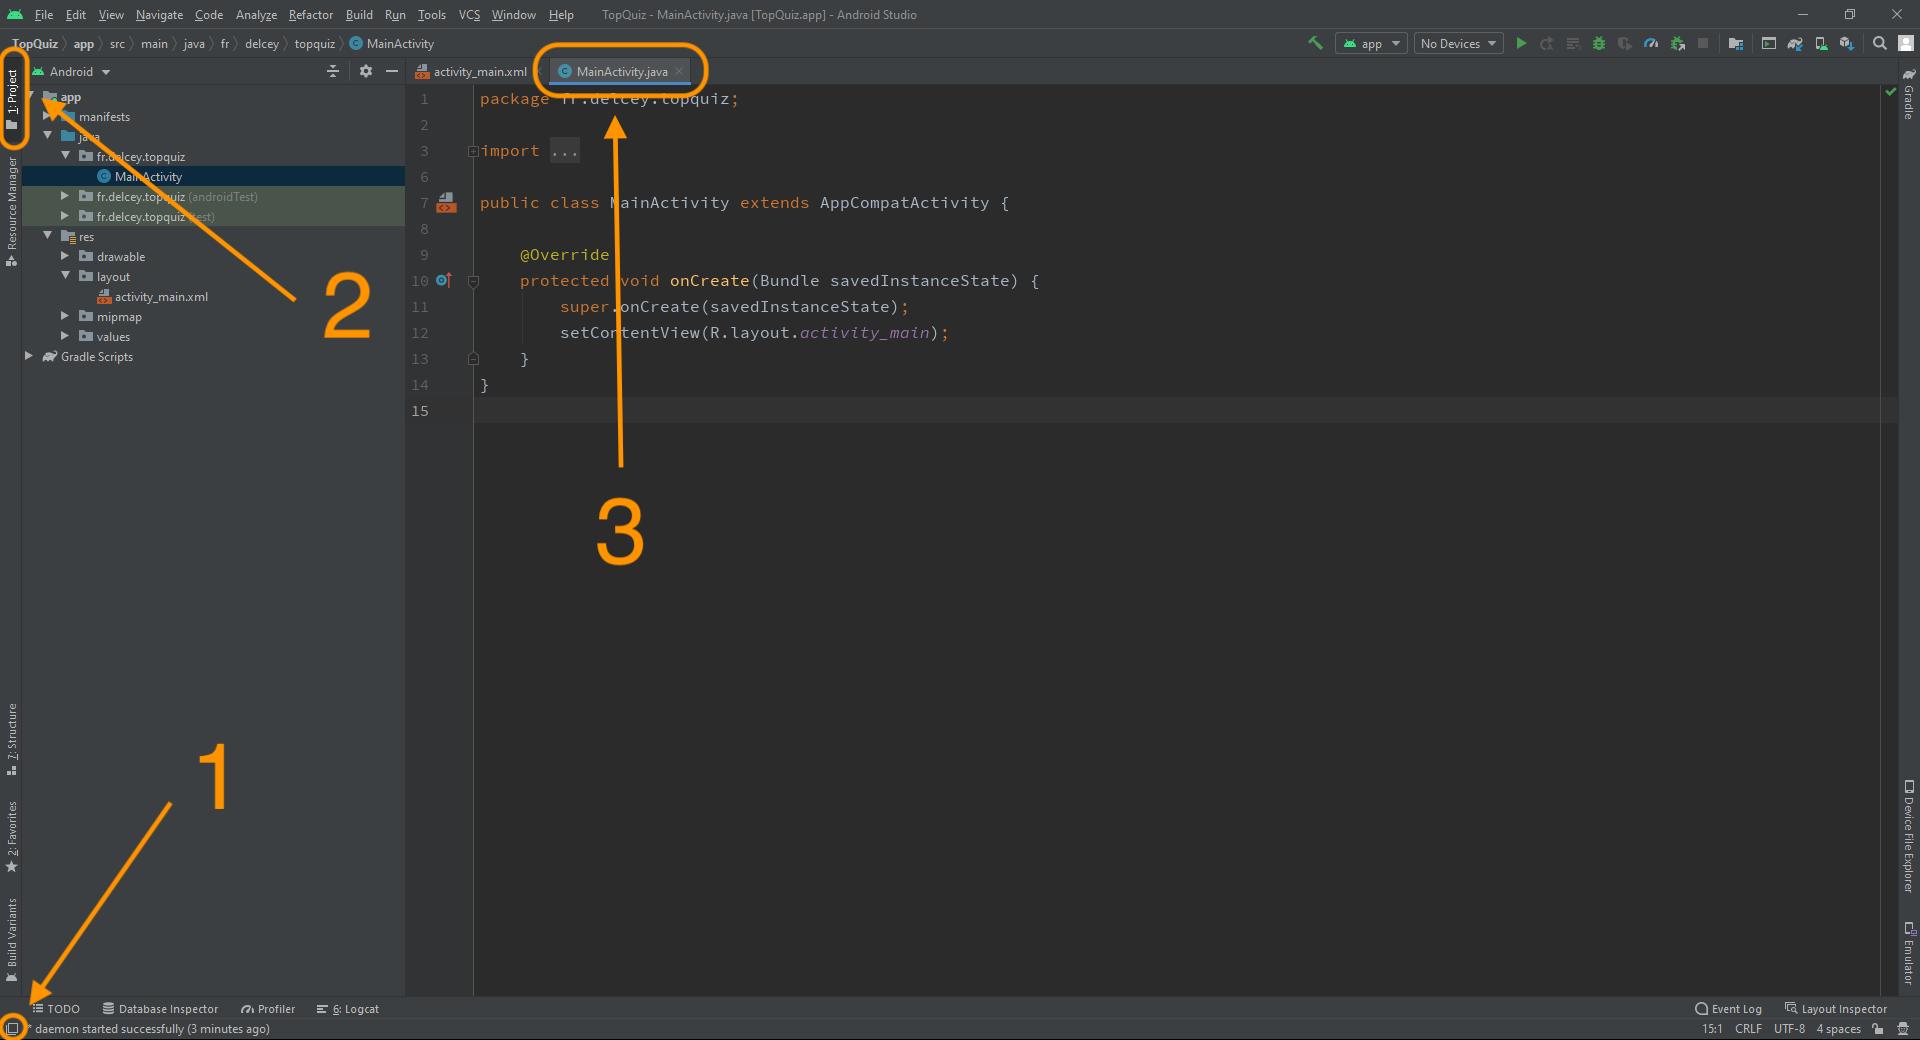 découvrez l'interface d'Android Studio : à gauche l'arborescence des fichiers, à droite le contenu du fichier en cours d'édition